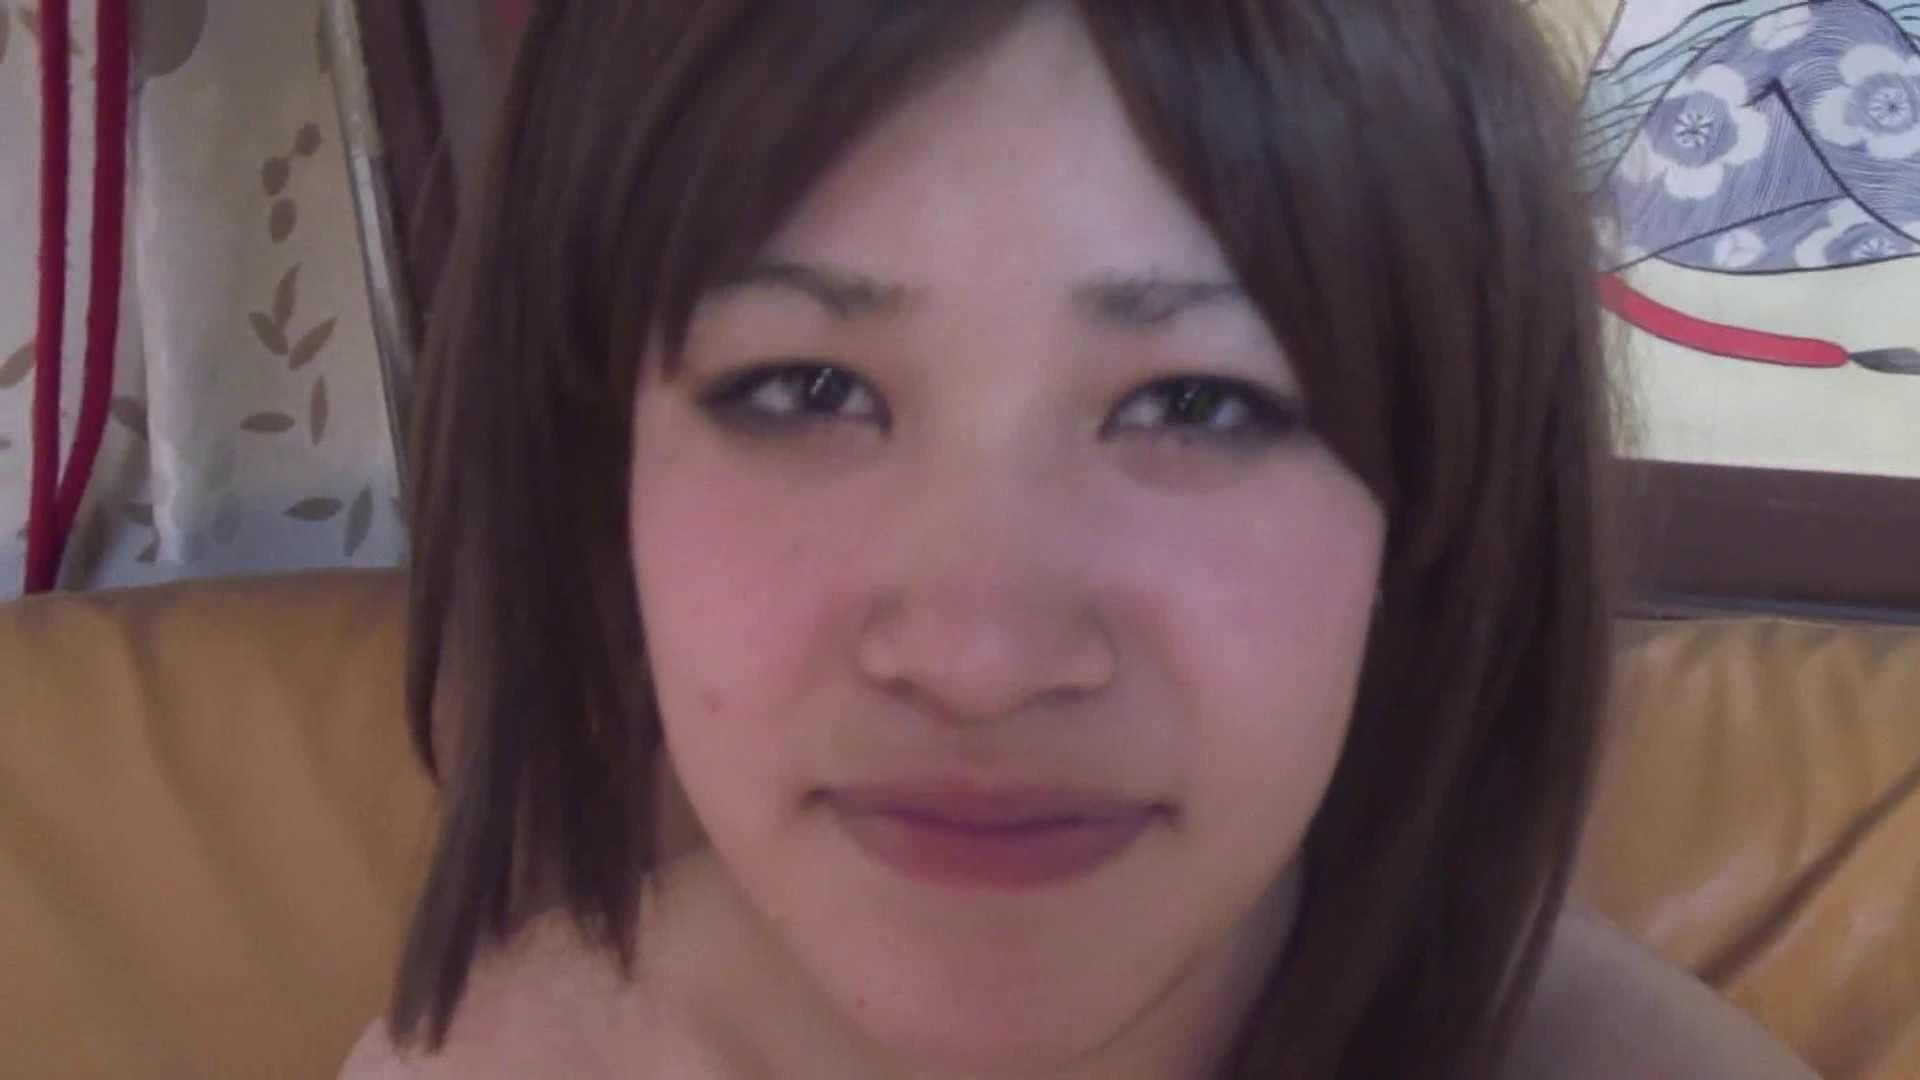 鬼才沖本監督作品 平成生まれのヘラヘラした女 終章 高画質 ワレメ動画紹介 67画像 51